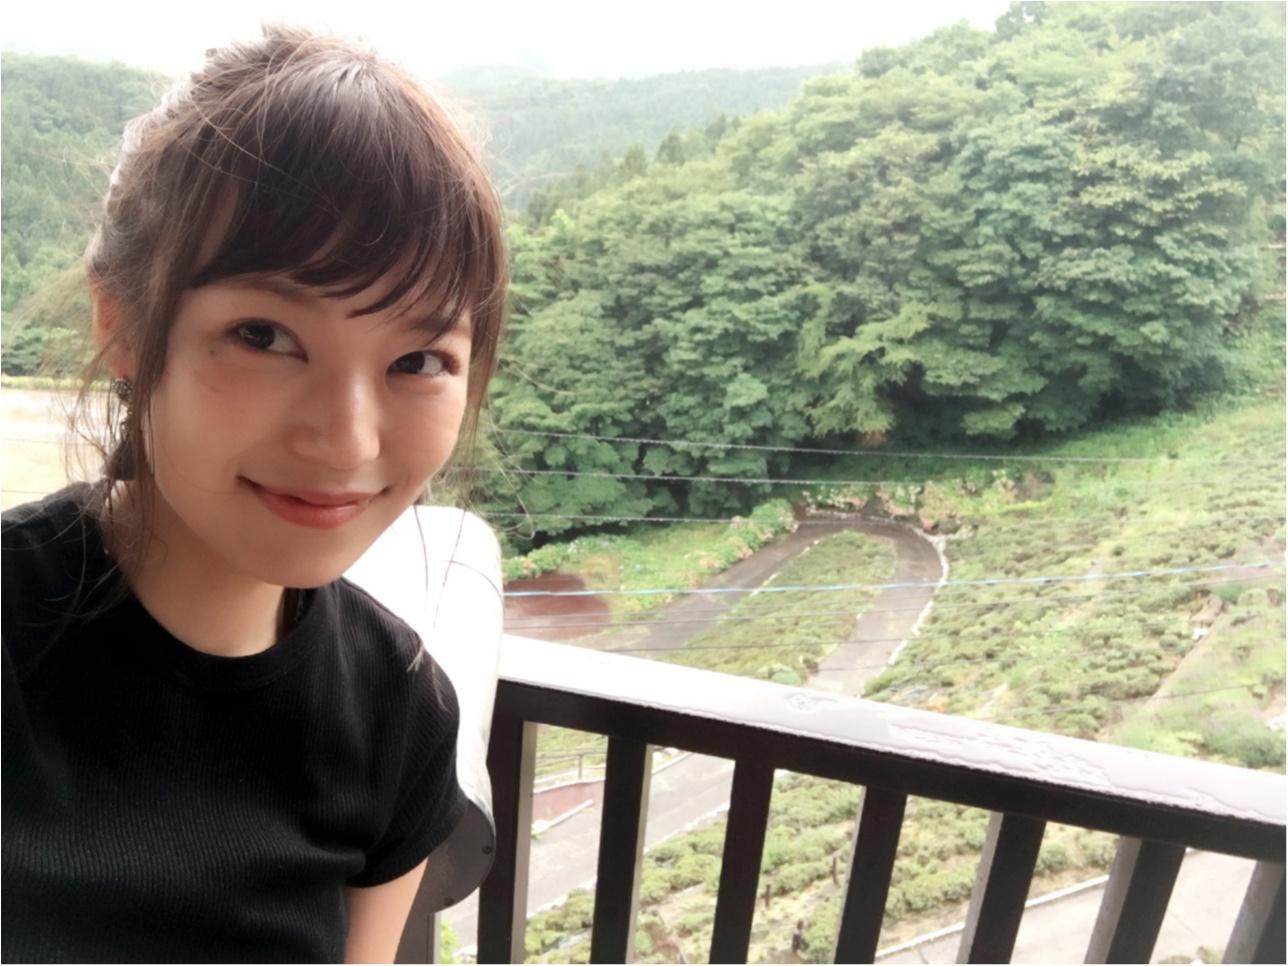 ★真夏のヘアアレンジ☺︎《ロブ》でも高い位置でポニーテールが作れちゃうんです♡_6